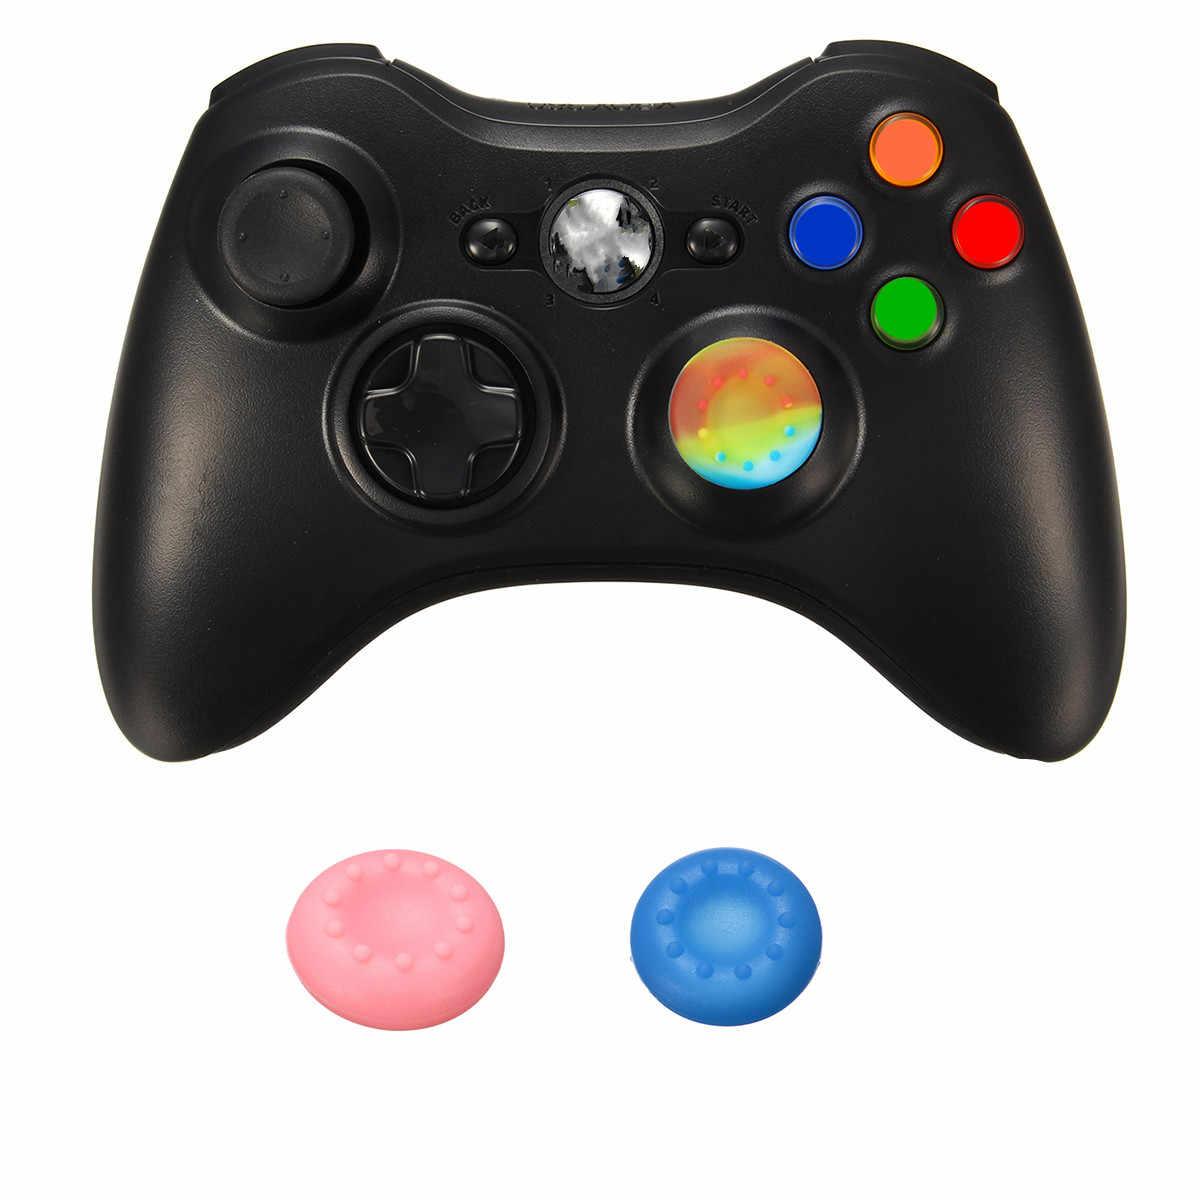 1pc ジョイスティックキャップシリカゲル XBOXONE のためのキャップ/360/PS4/PS3 コントローラゲームアクセサリーブルー /ピンク